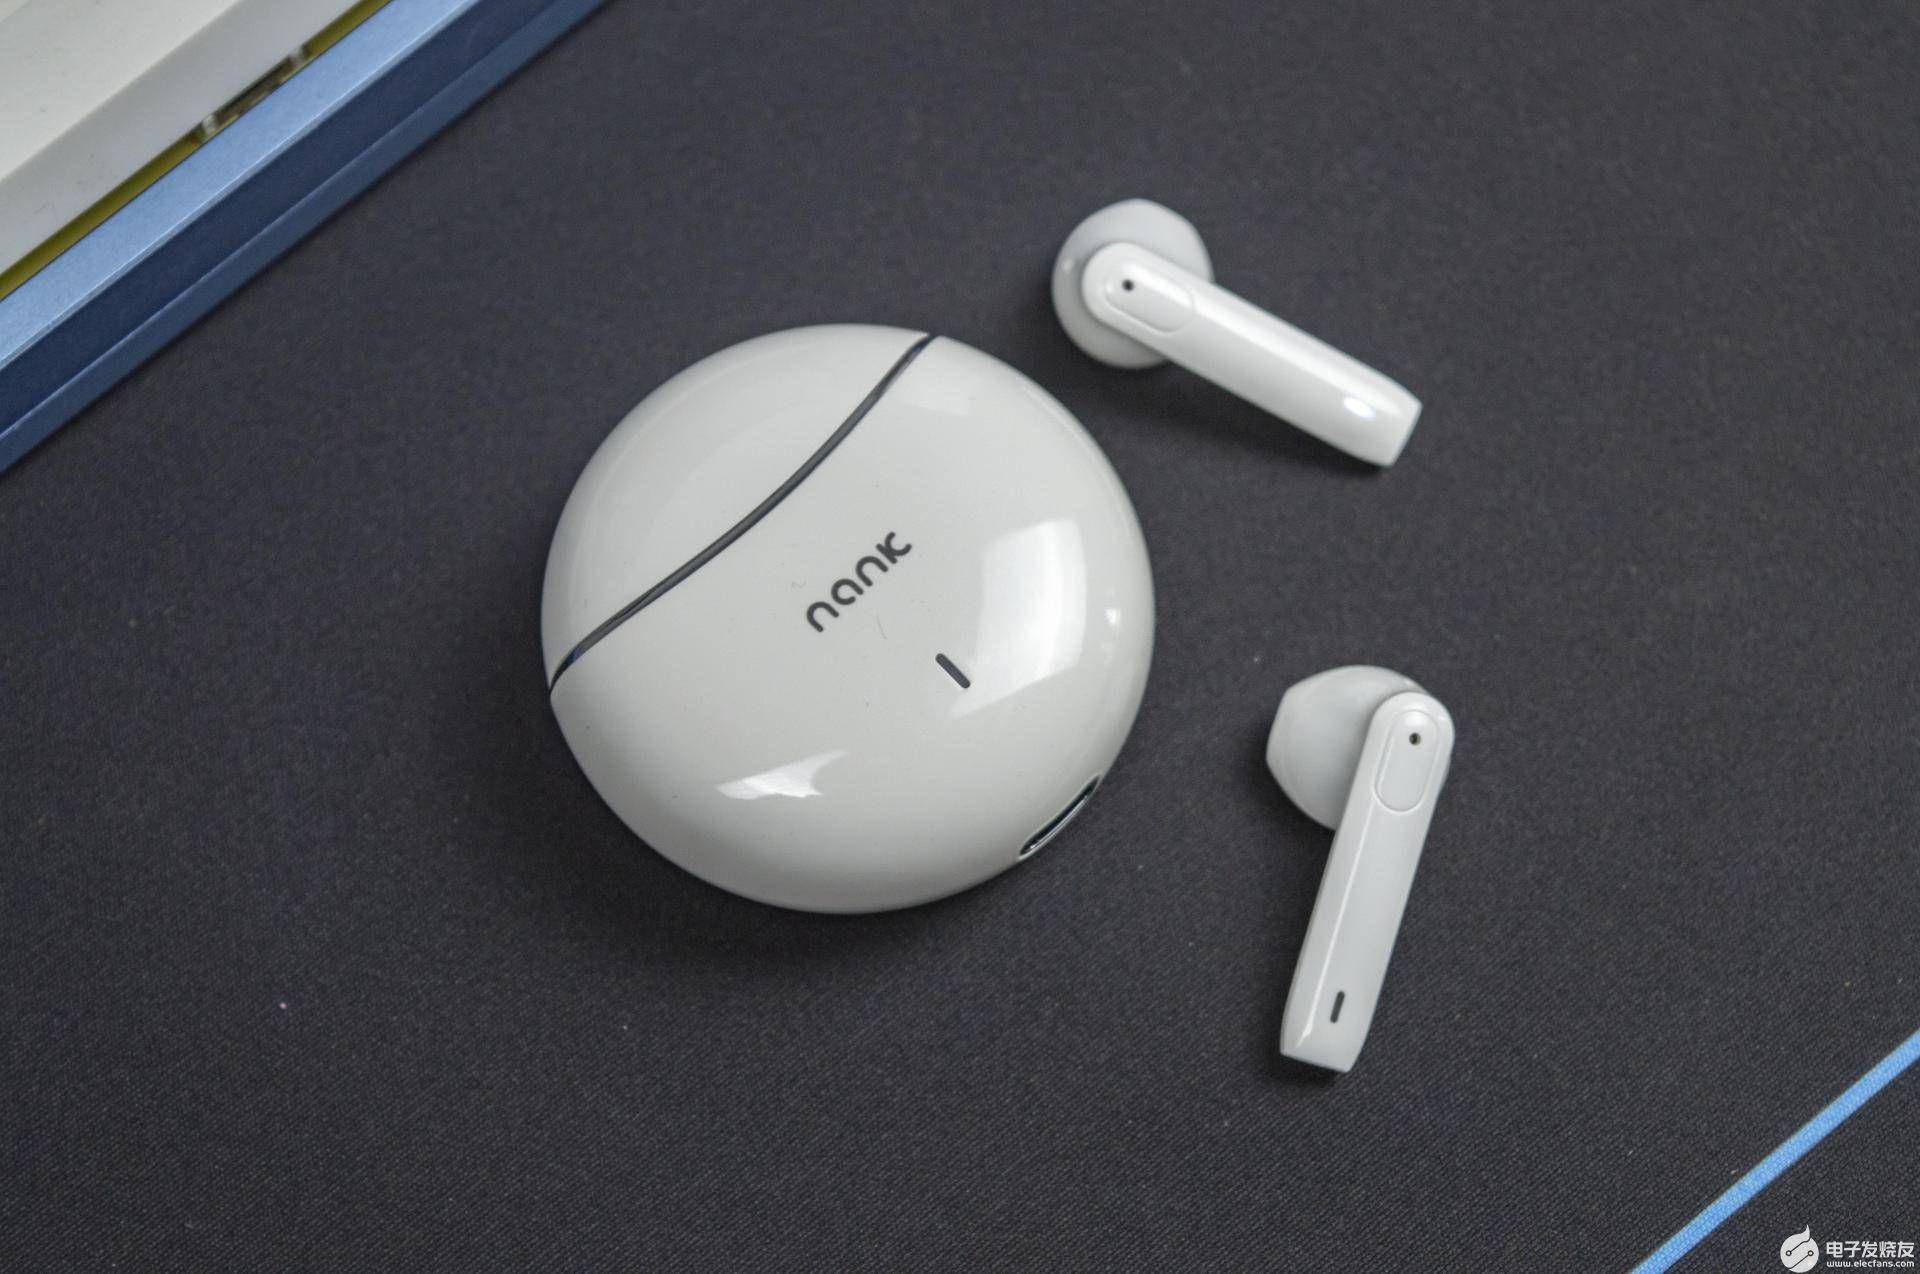 无线蓝牙耳机什么品牌好?2021无线蓝牙耳机品牌...